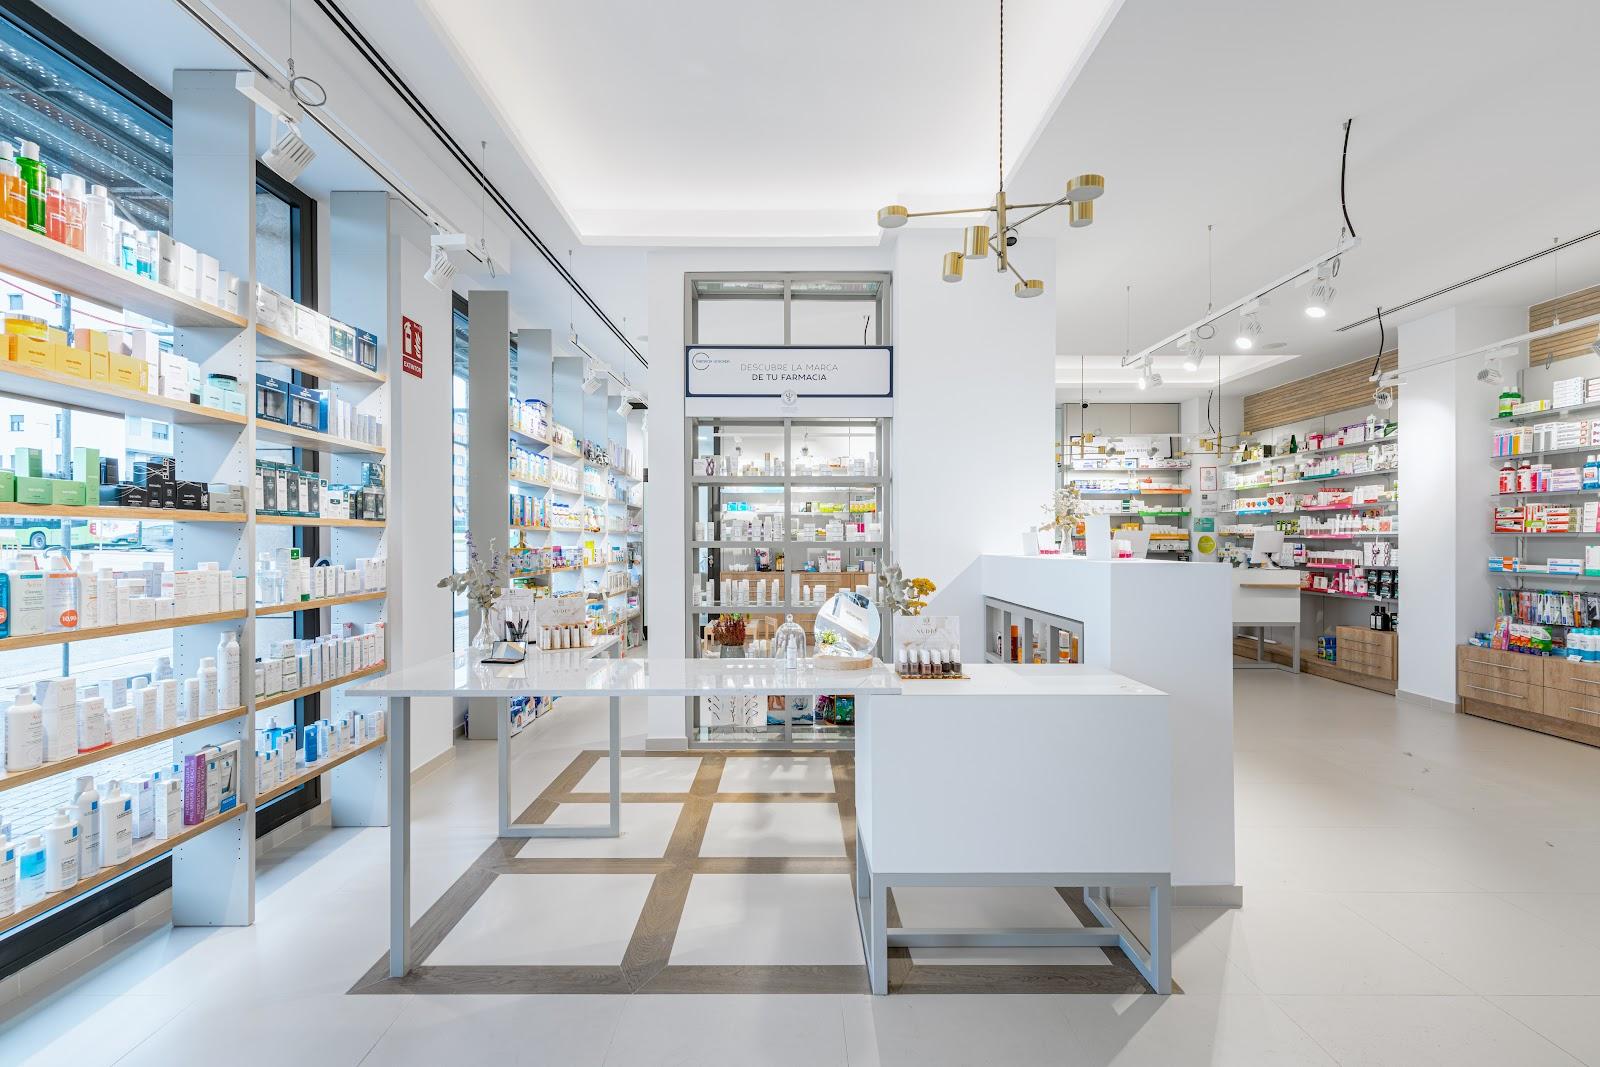 Mostrador dermocosmética en farmacia